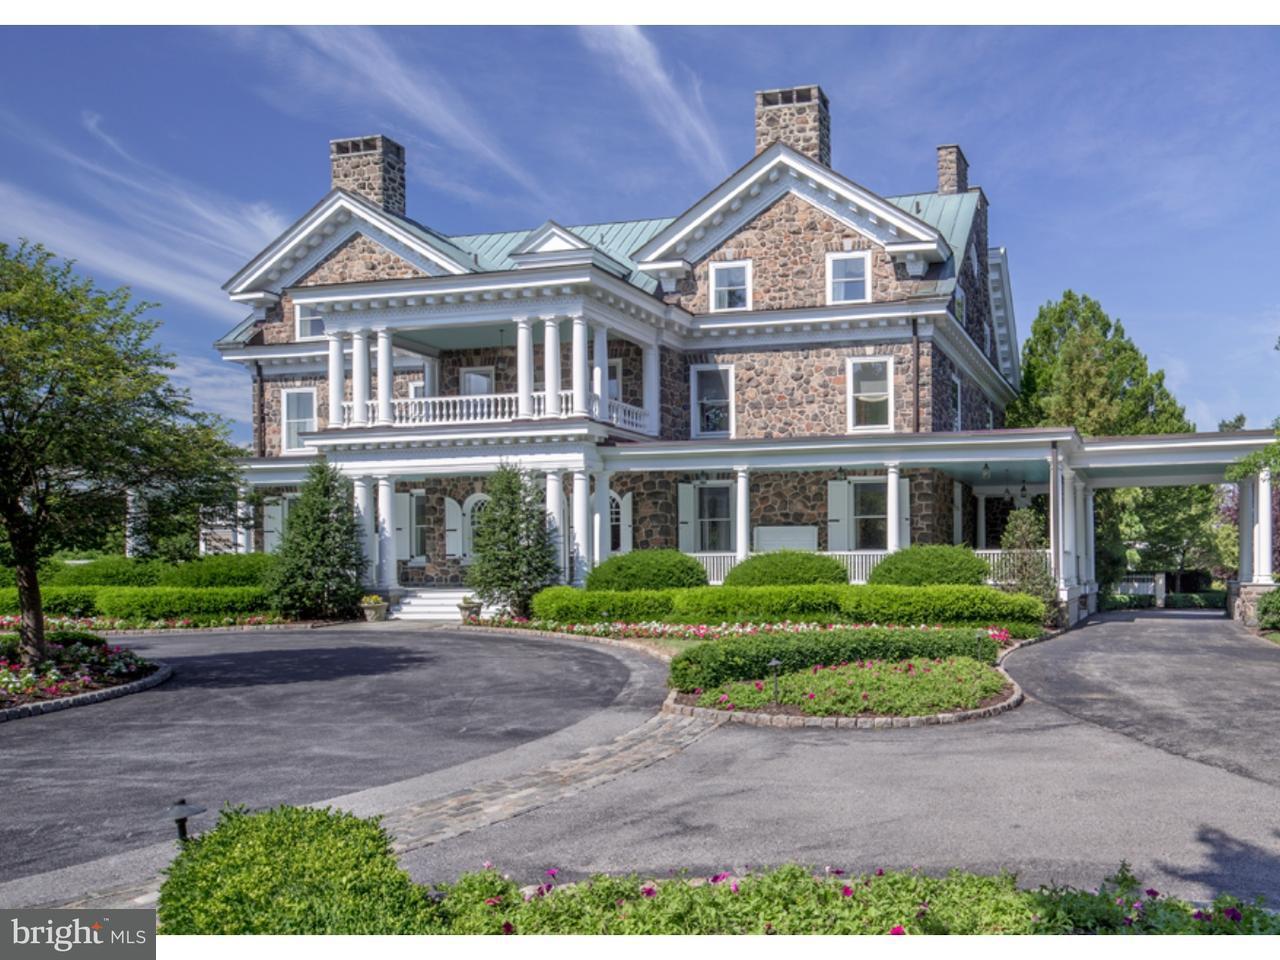 Maison unifamiliale pour l Vente à 500 S WATERLOO Road Devon, Pennsylvanie 19333 États-Unis